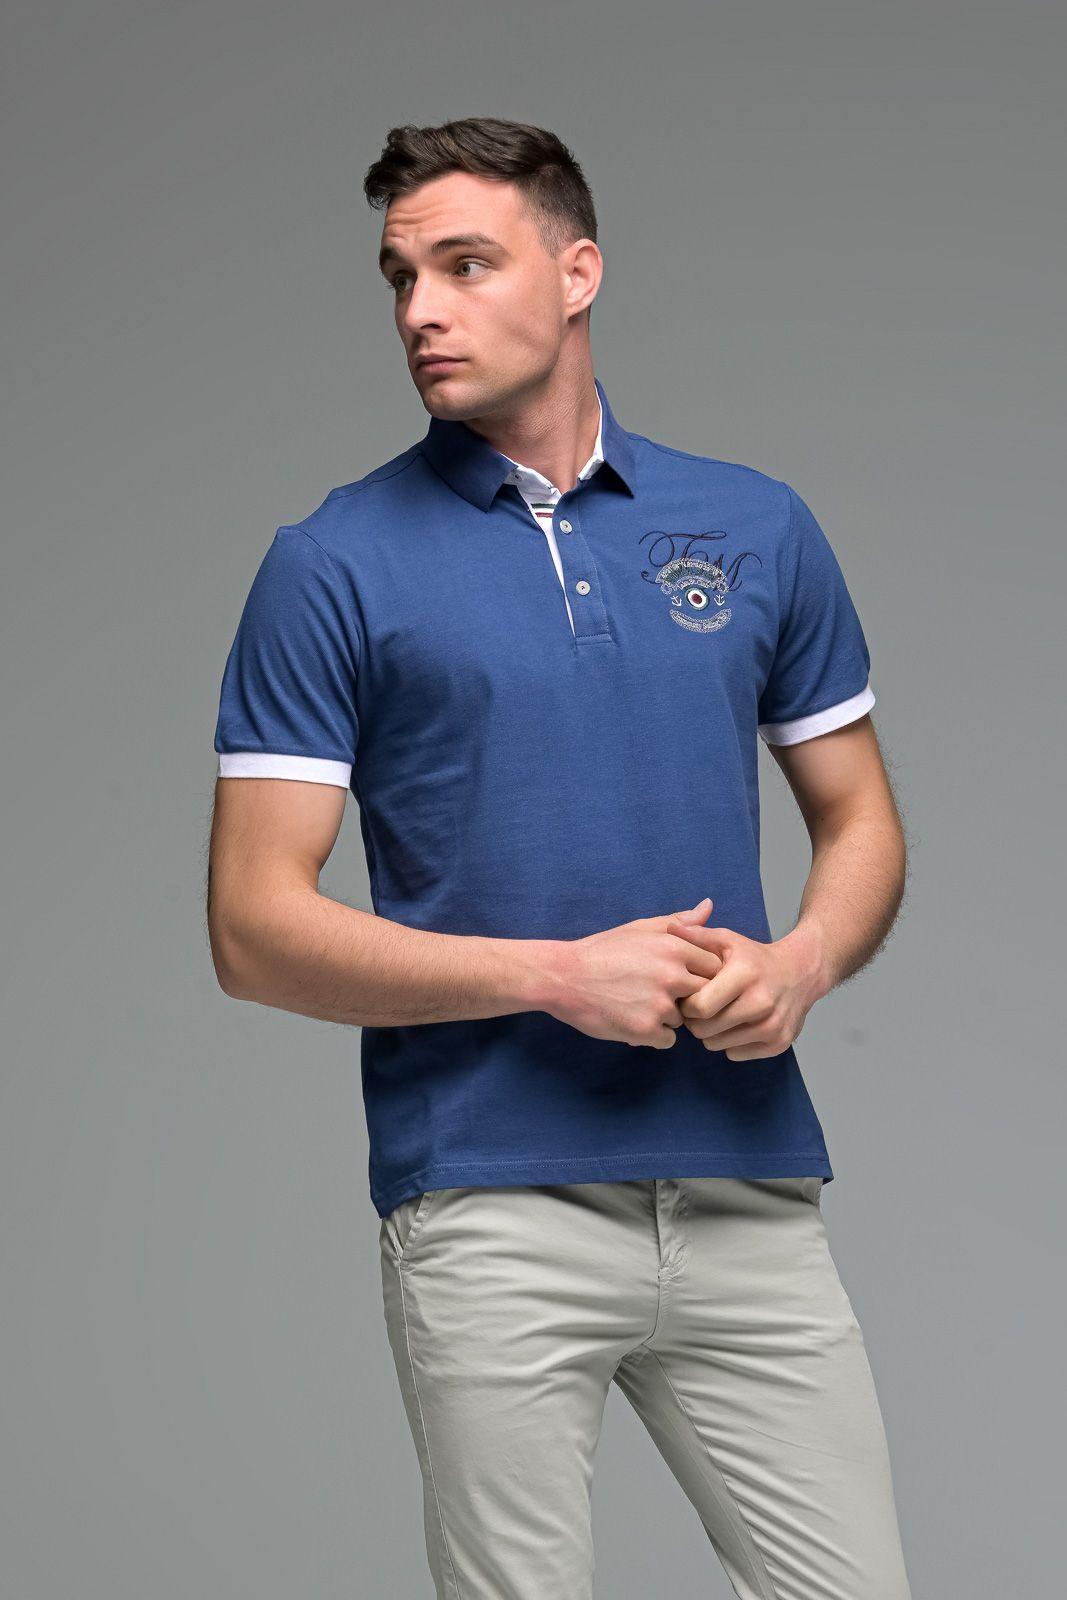 Μπλε Ραφ Ανδρικό Πόλο Μπλουζάκι με Κέντημα